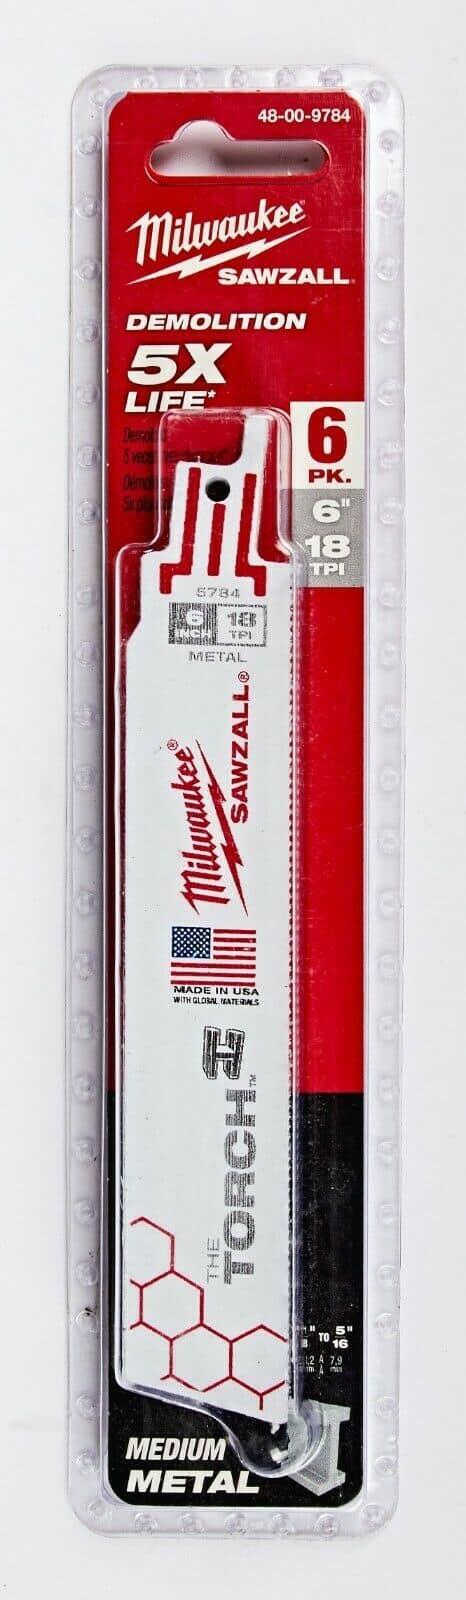 חבילת להבים מבית מילווקי MILWAUKEE מסדרת THE TORCH 48-00-9784 דגם חזק במיוחד פי 5 יותר בארוך החיים ייעודי לעבודה ממושכת מסוריות